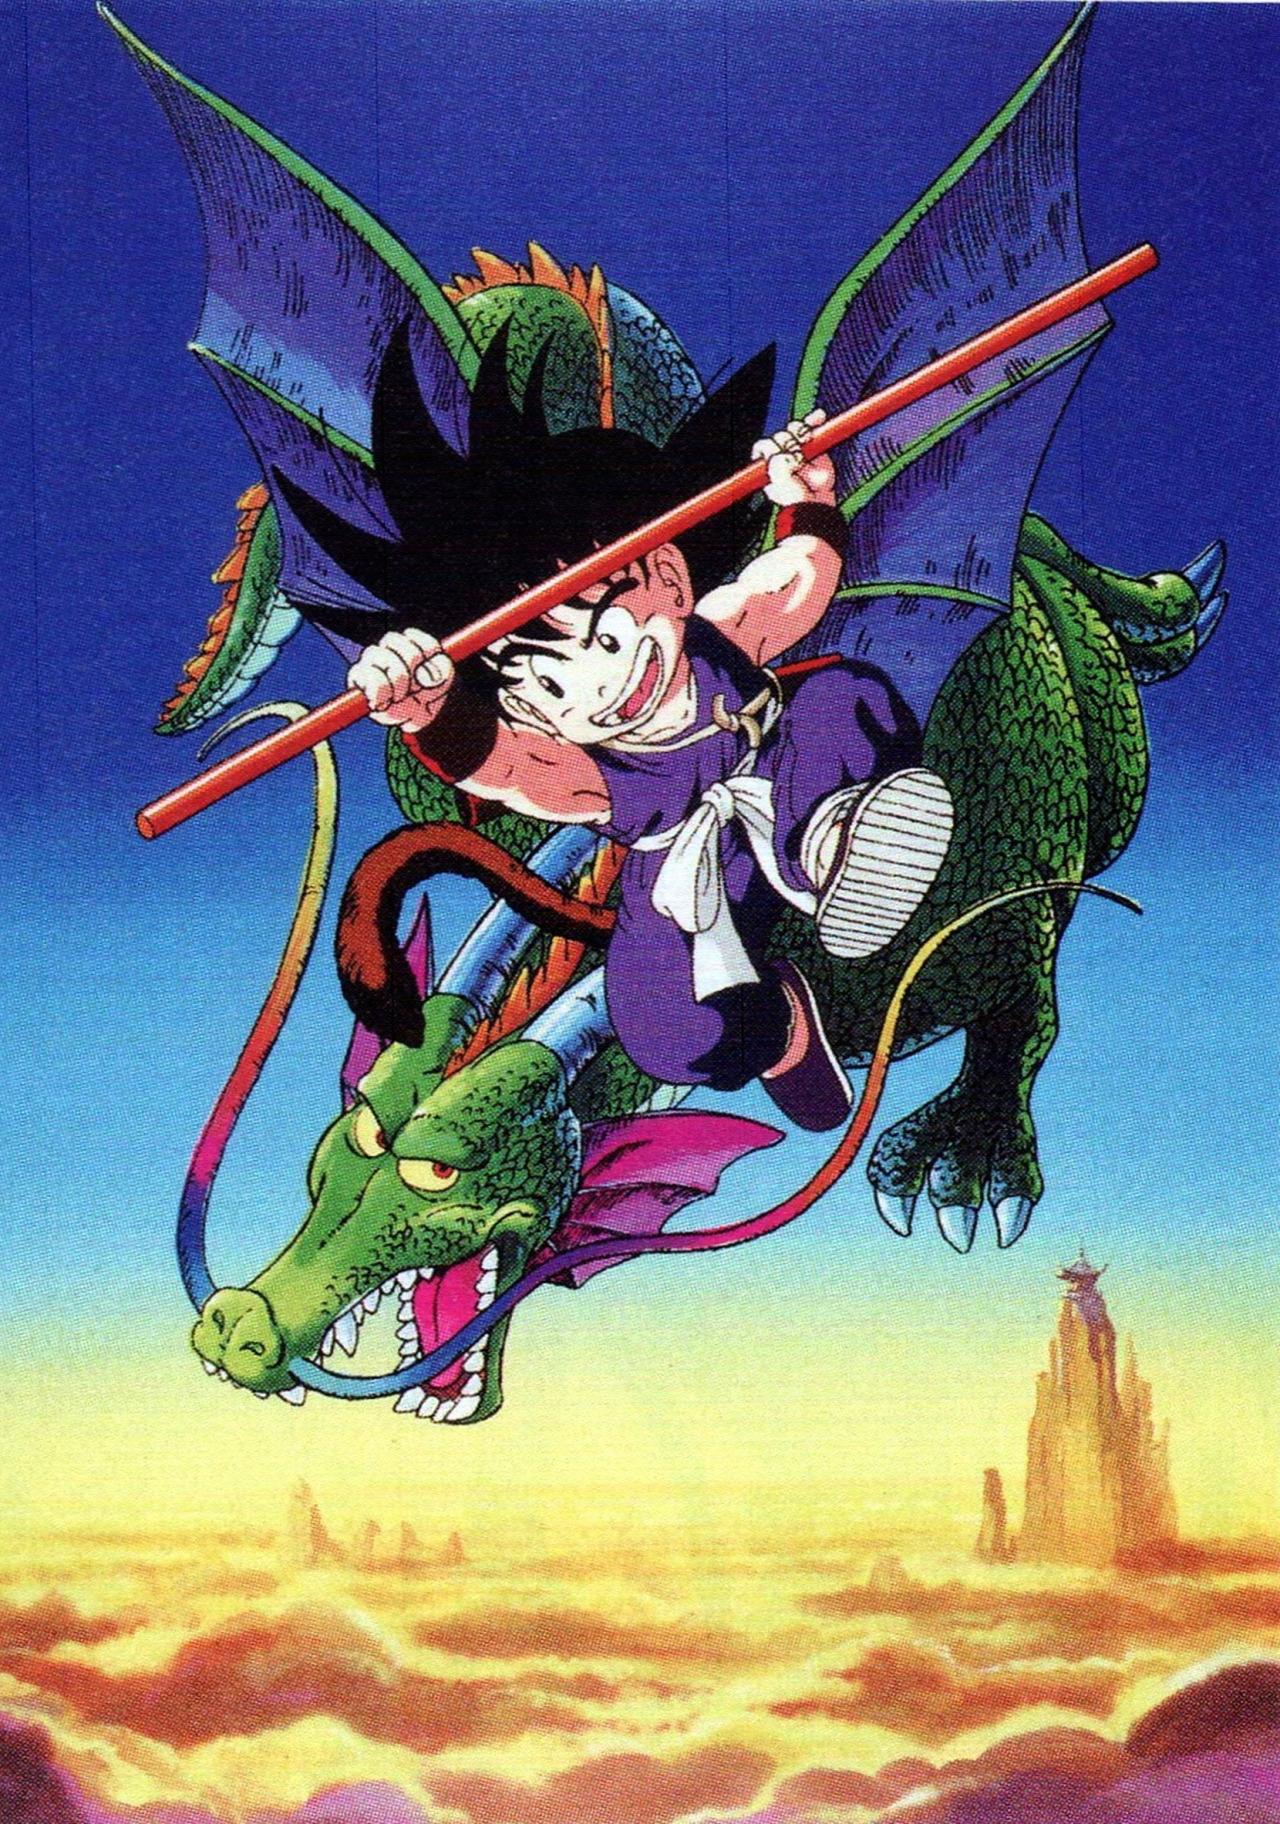 Os Filmes (e OVAs) de Dragon Ball